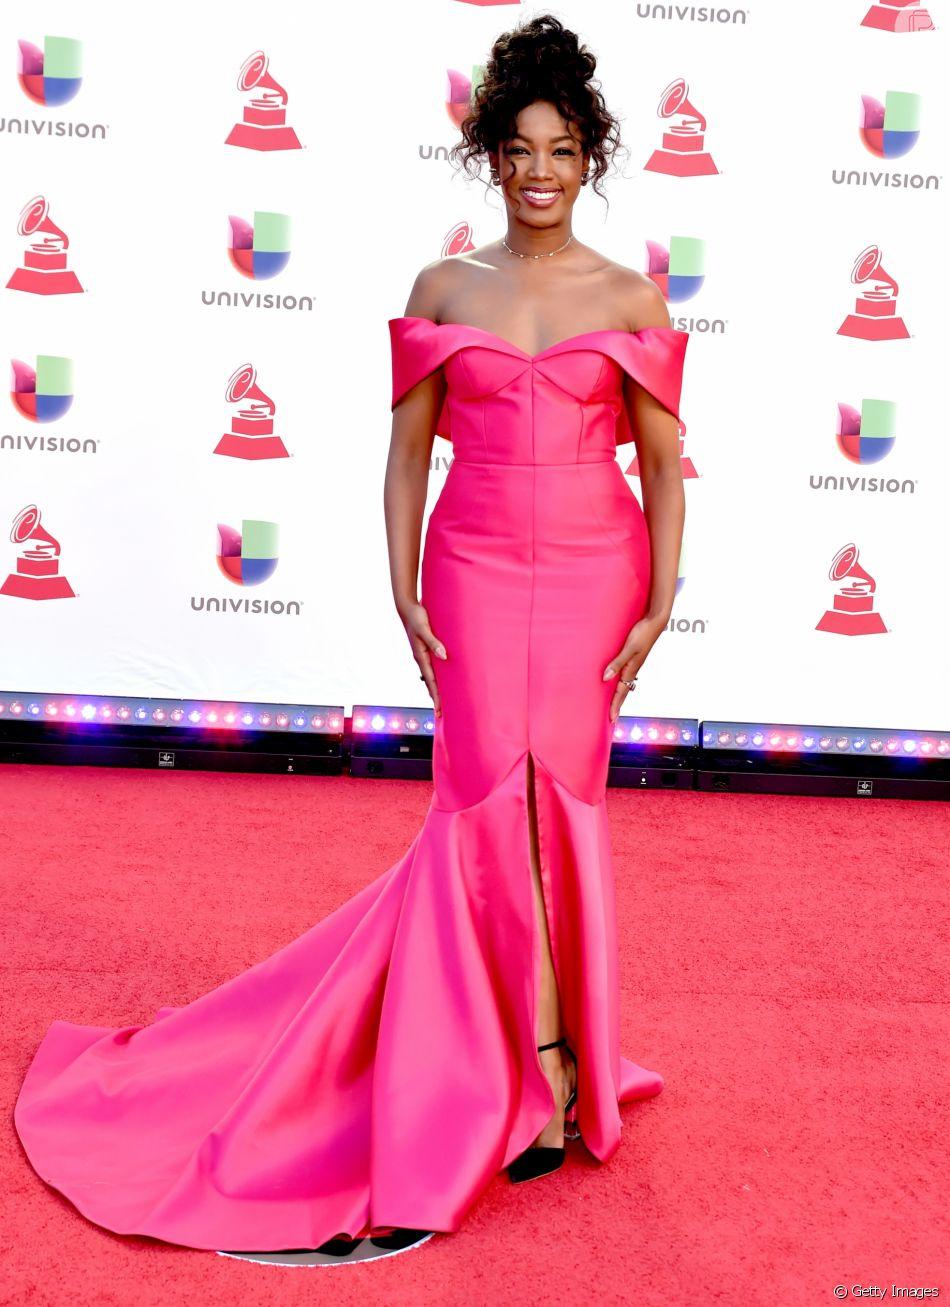 bfb75eeb9 Iza brilha com vestido estilo sereia no tapete vermelho do Grammy Latino  2018, em Las